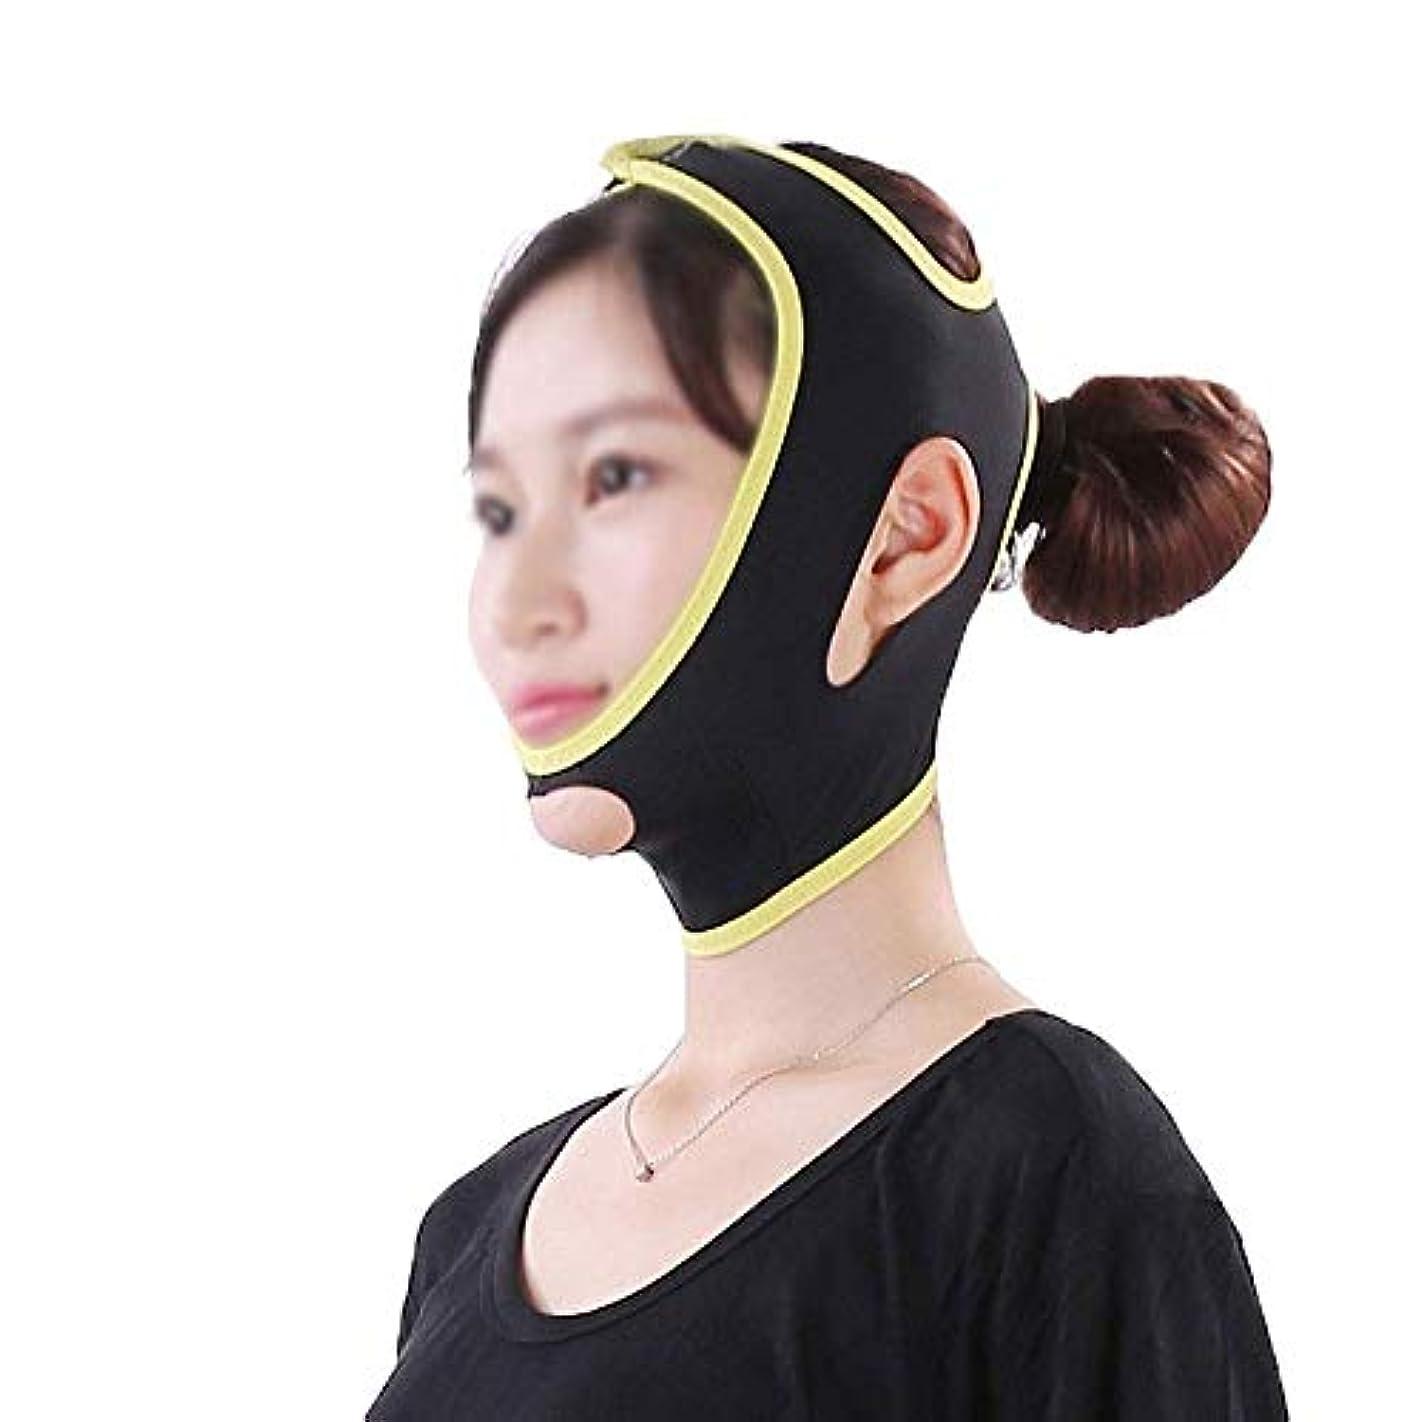 フレア助言口径フェイス&ネックリフト、フェイスリフトマスク強力なフェイスマスクフェイスリフトアーチファクトフェイスリフティングフェイスリフティングツールフェイスリフティング包帯シンフェイスマスク美容マスク(サイズ:L)